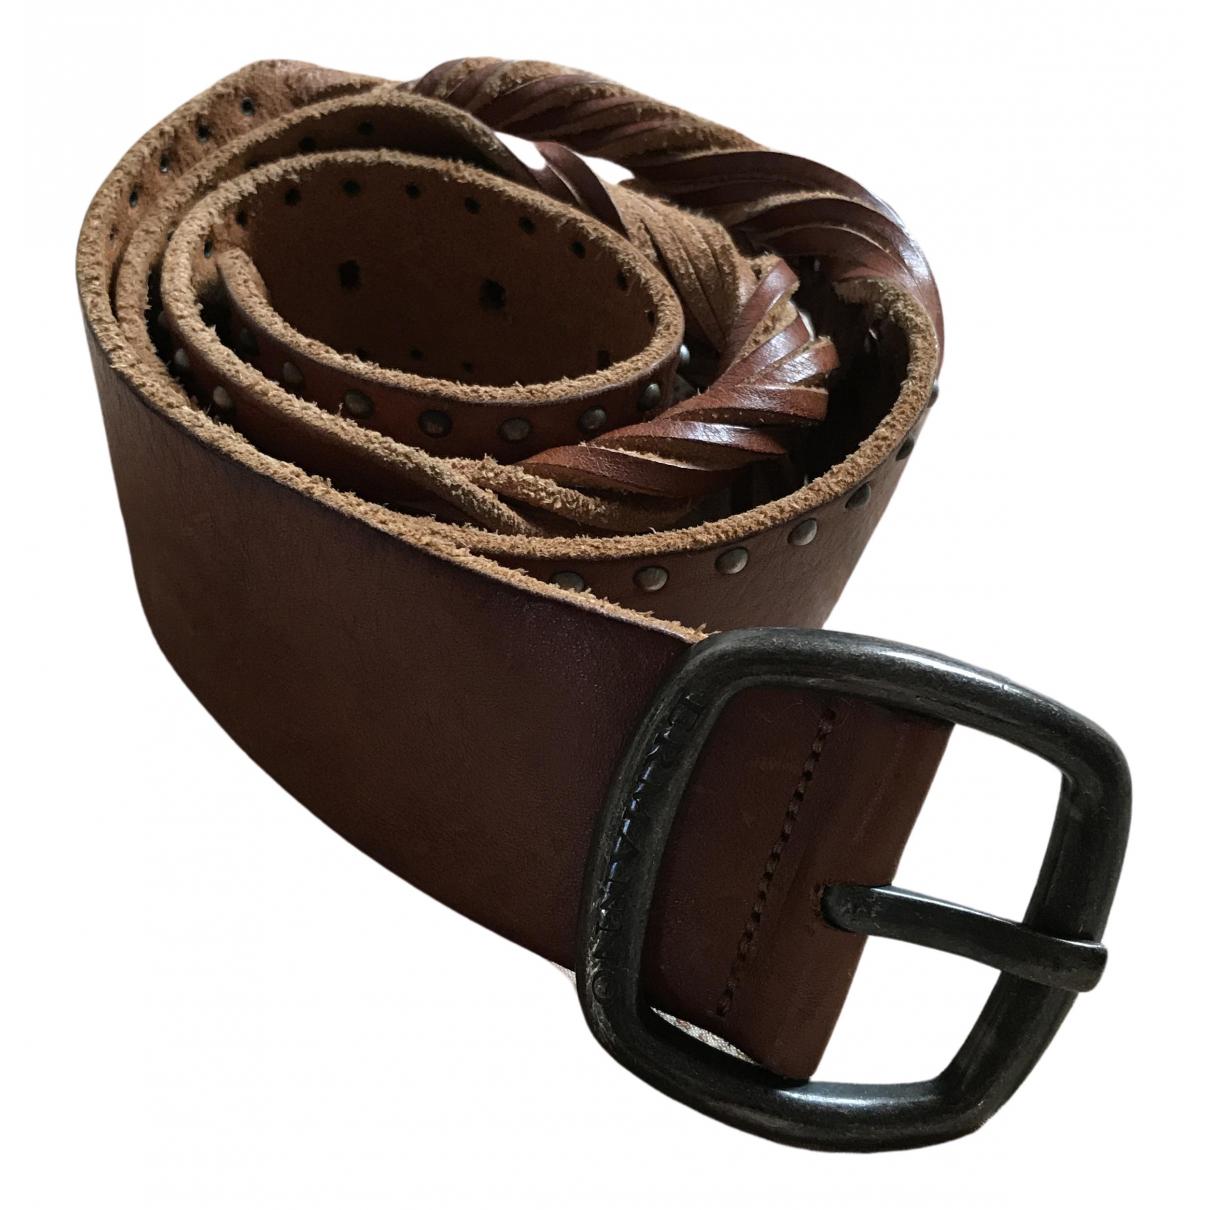 Cinturon de Cuero Ermanno Scervino